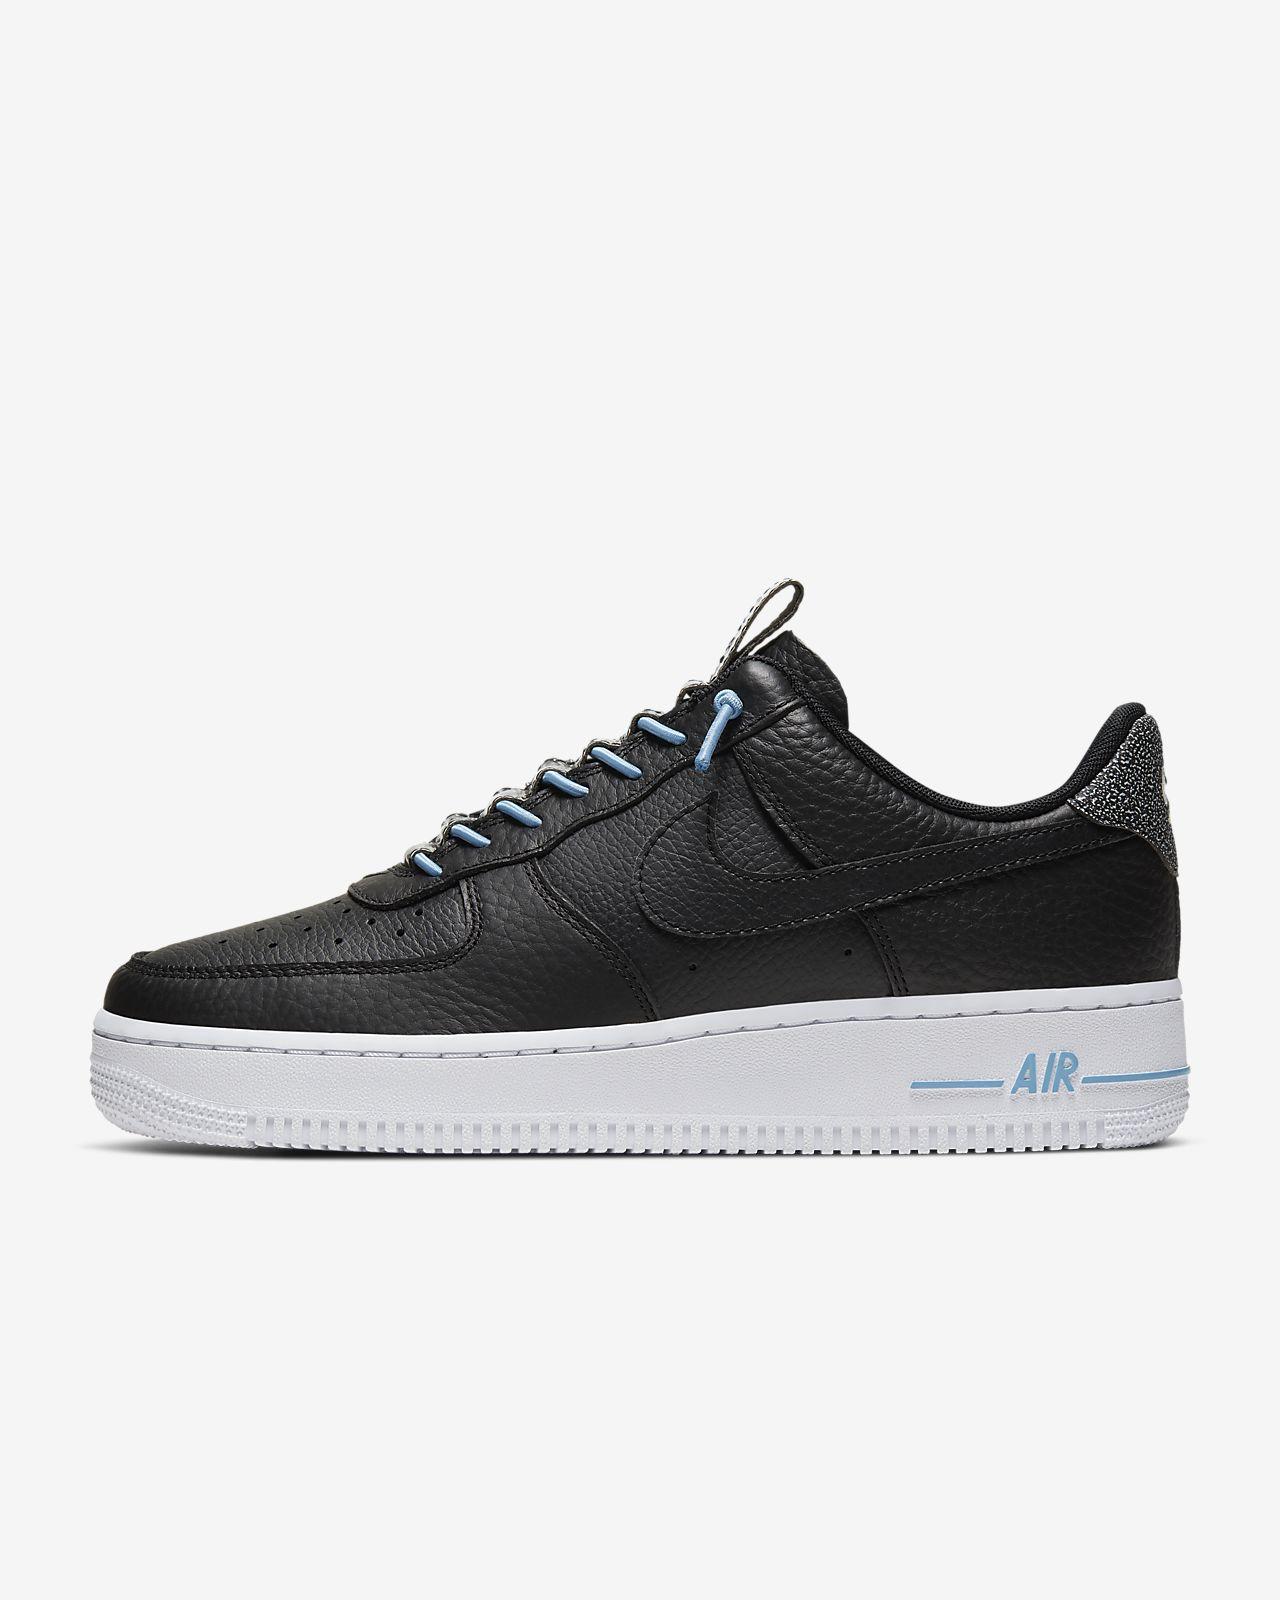 Nike Air Force 1 '07 Luxe Women's Shoe